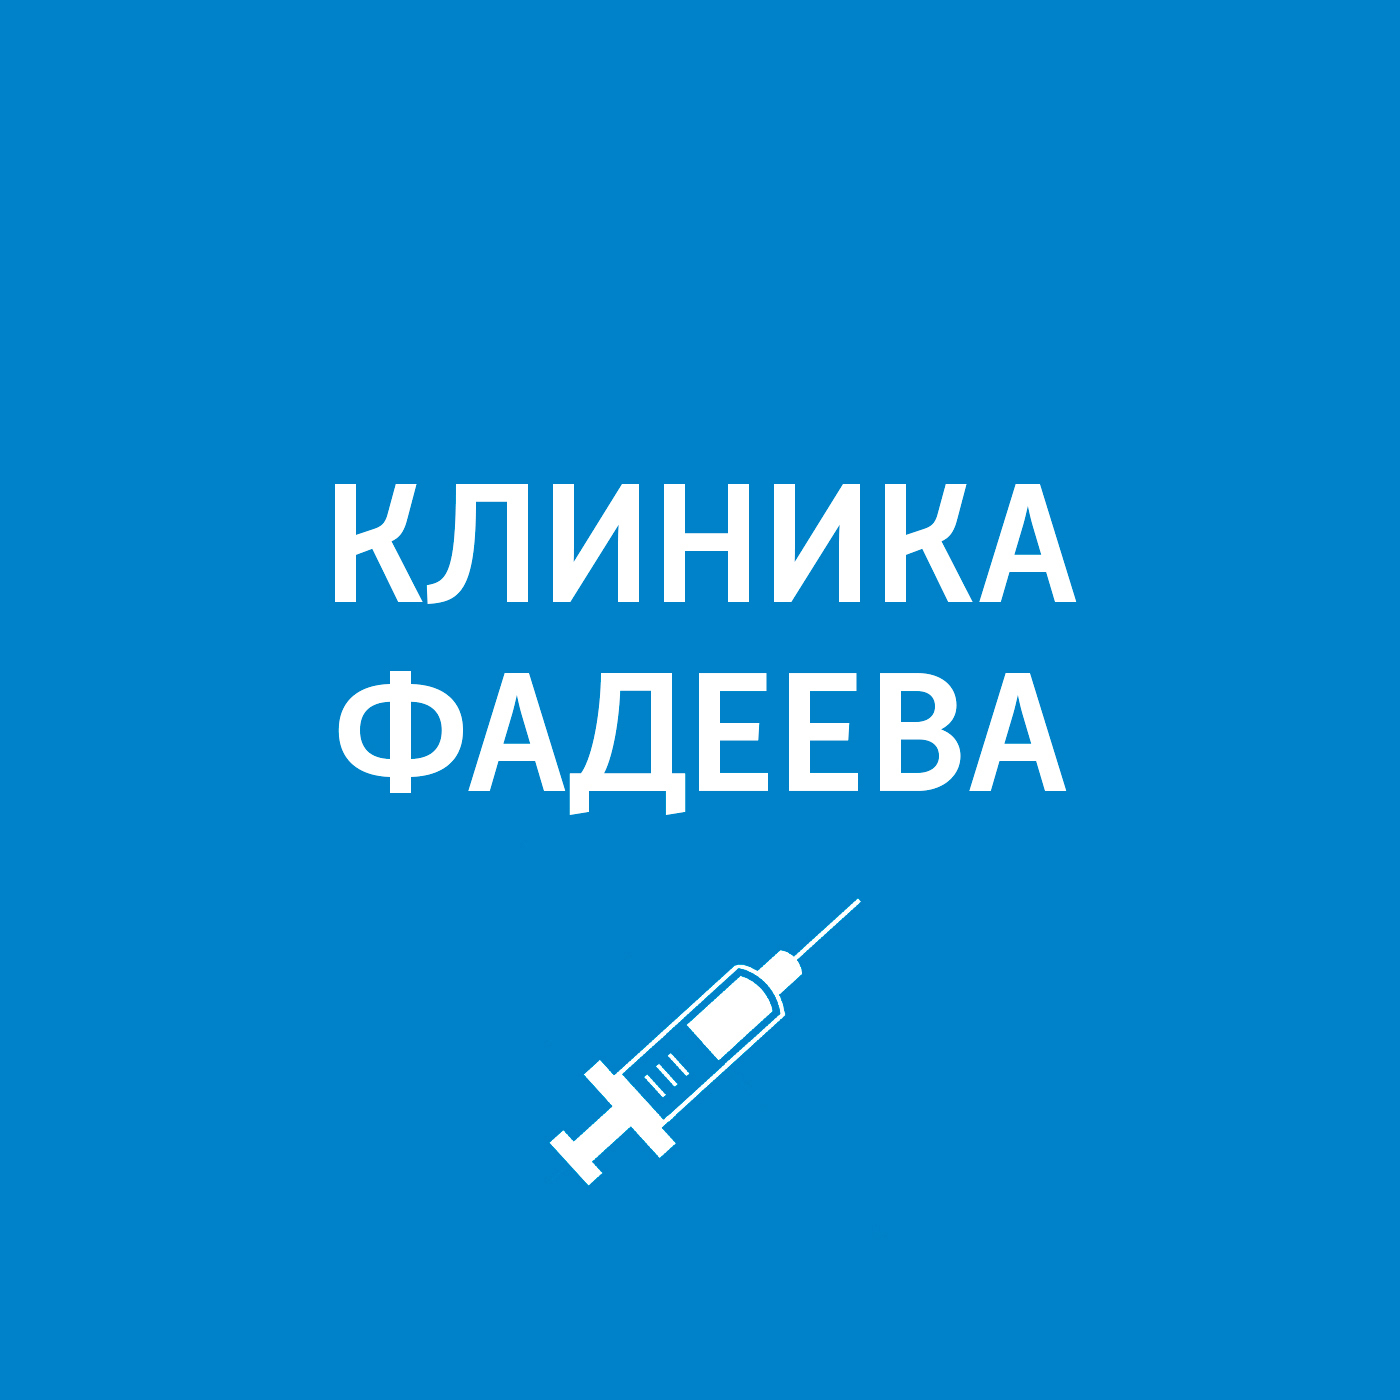 Пётр Фадеев Врач-хирург сервиз столовый мария тереза перламутровая мадонна 6 24 фарфор